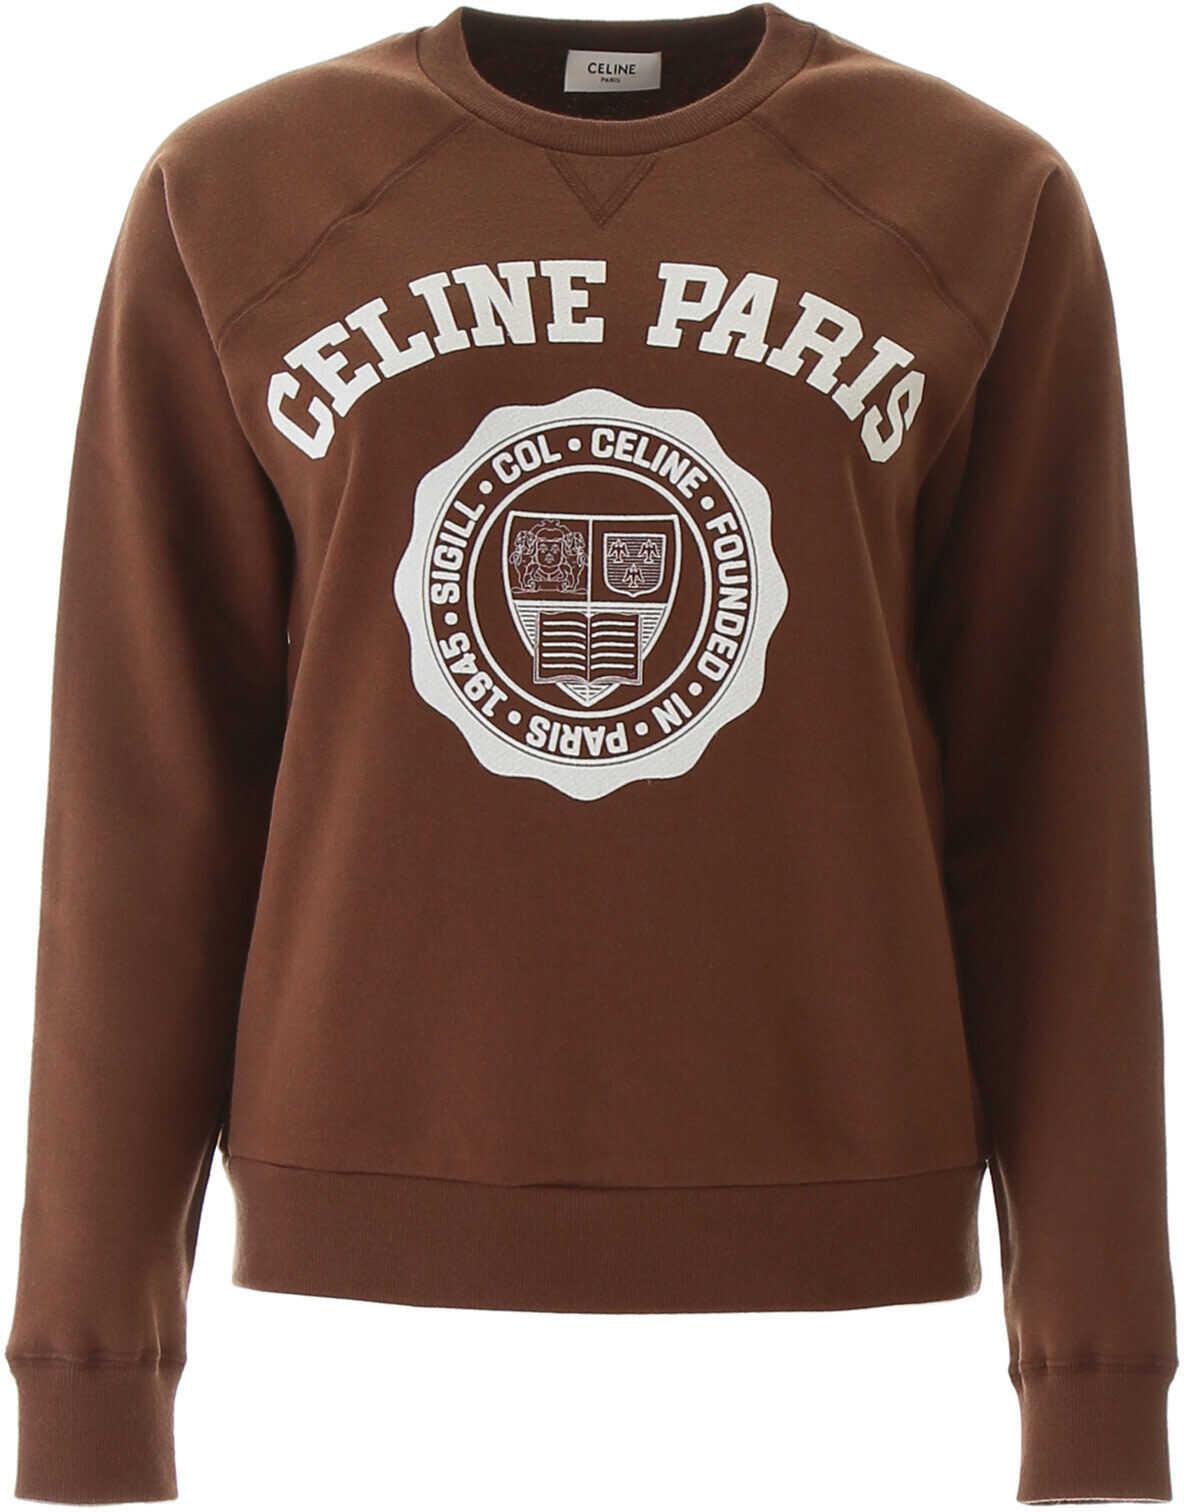 Céline University Sweatshirt BROWN OFF WHITE